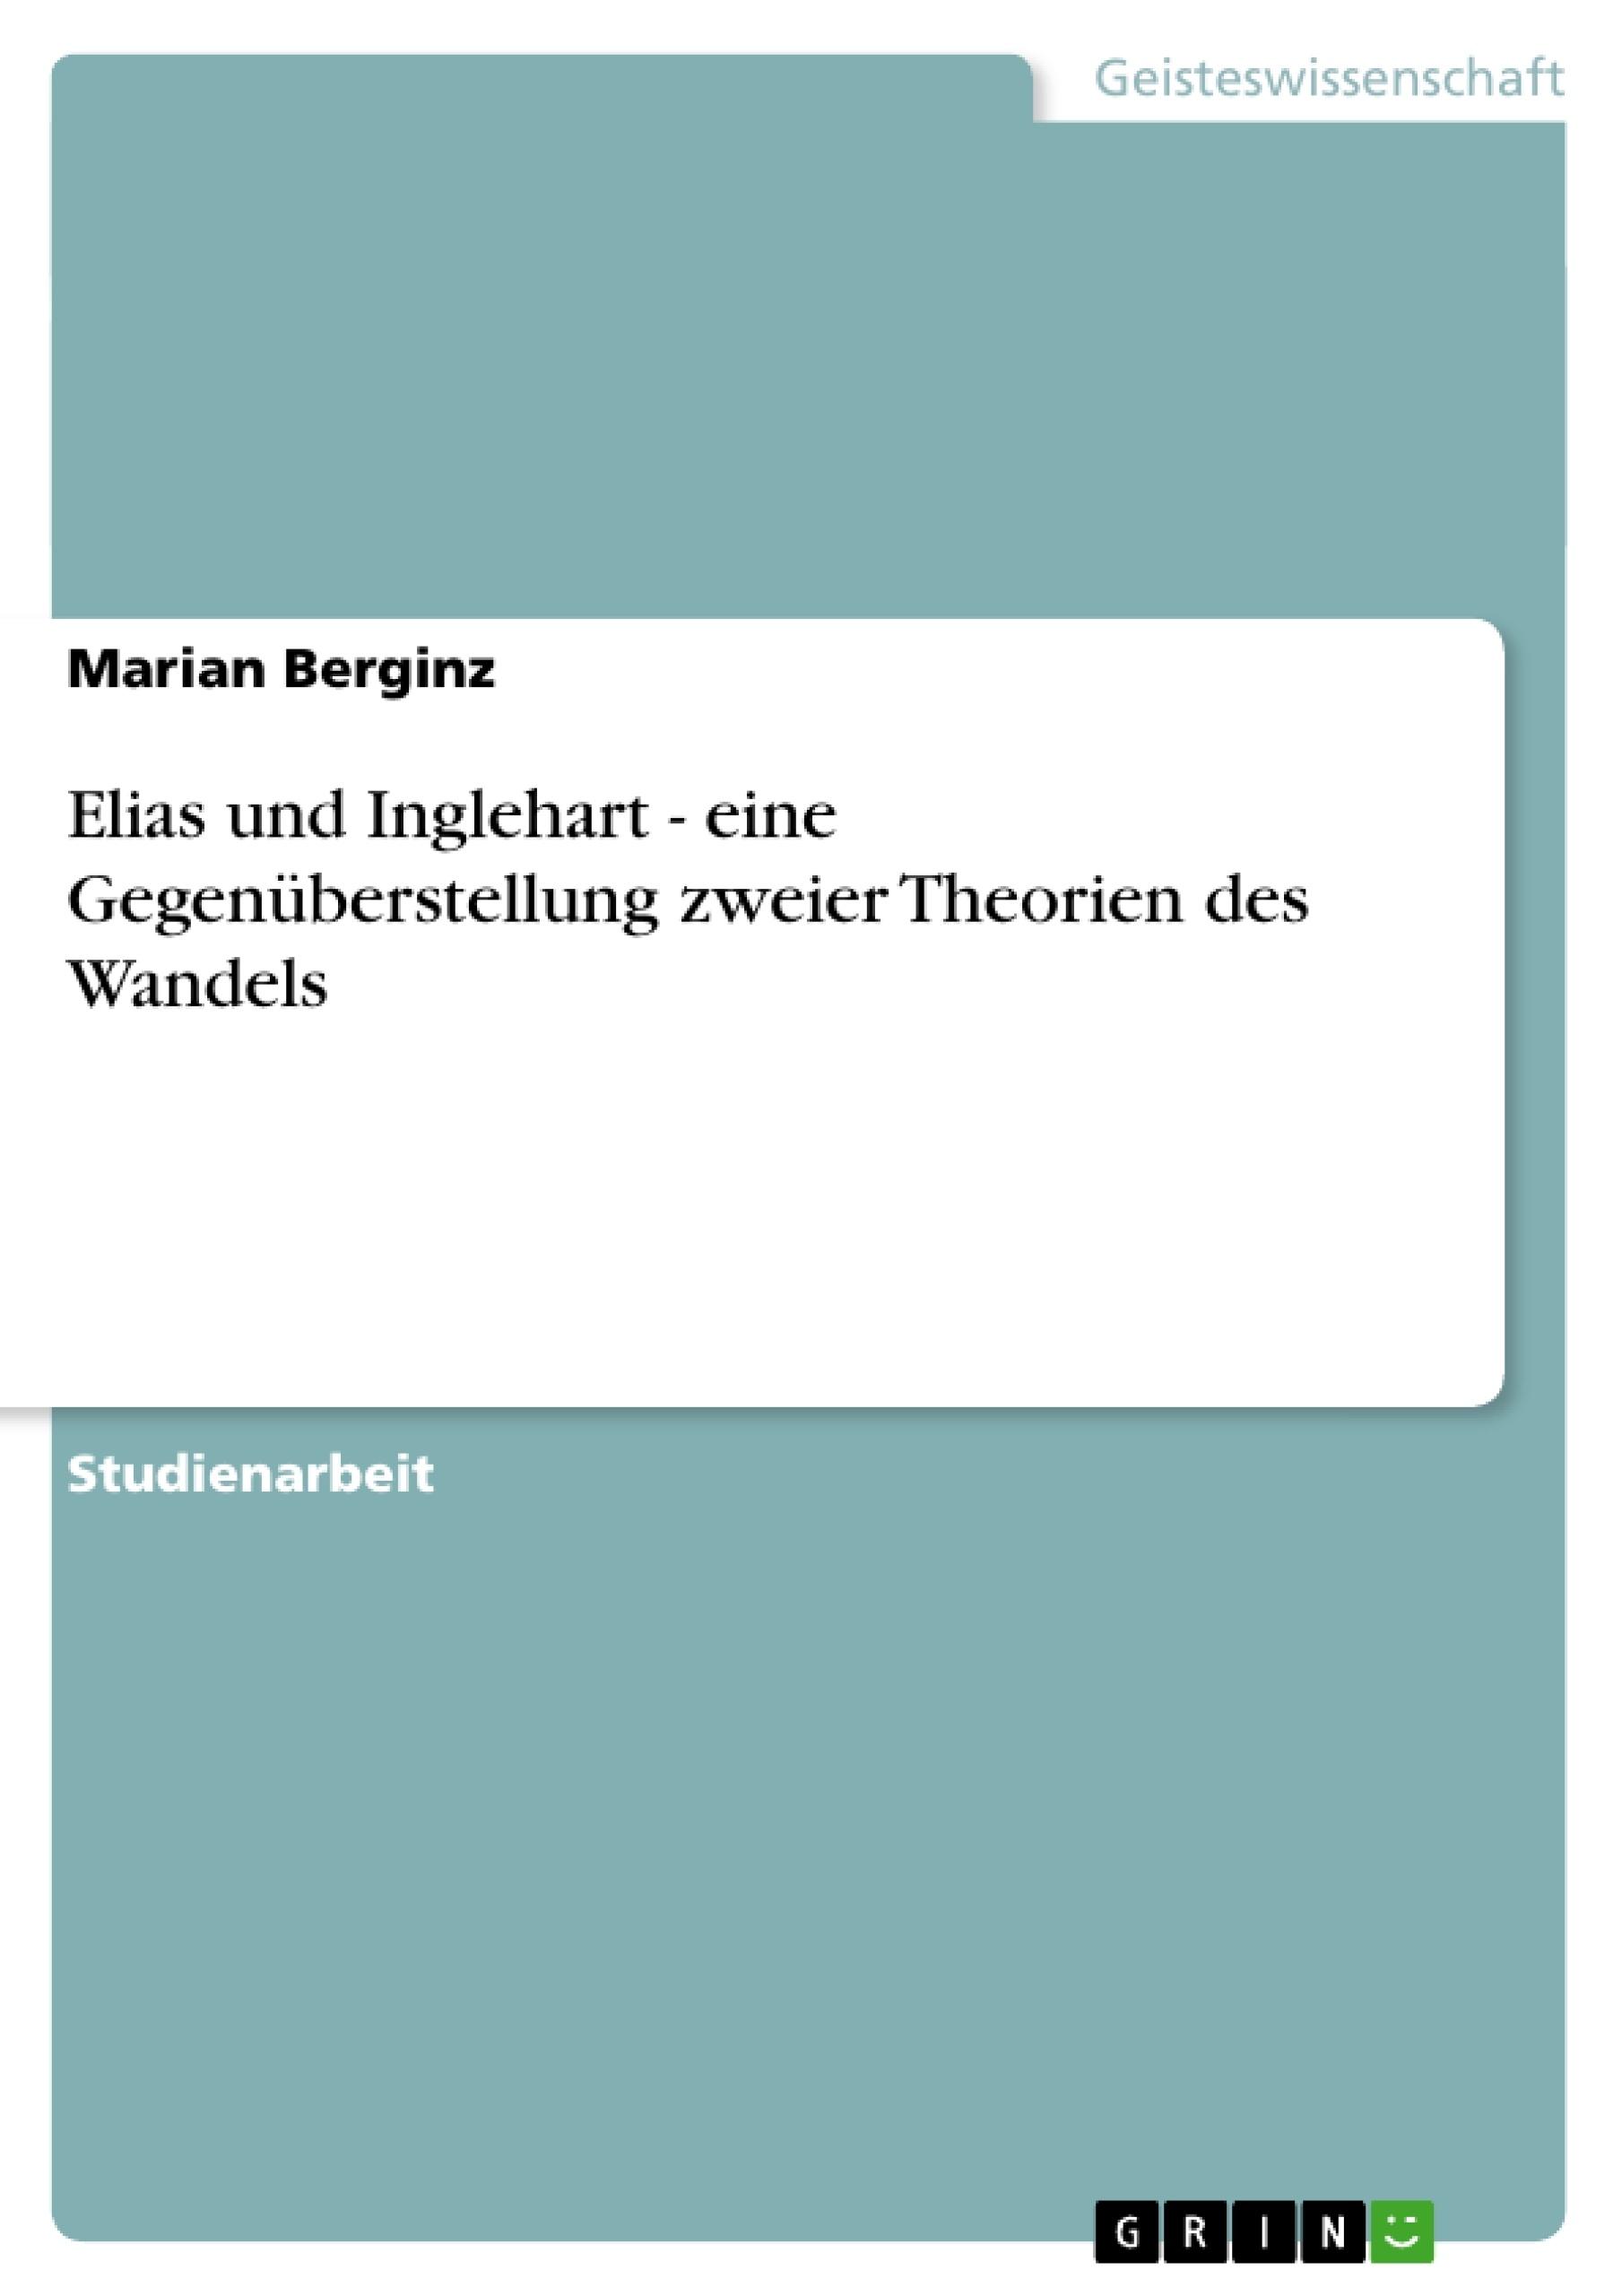 Titel: Elias und Inglehart - eine Gegenüberstellung zweier Theorien des Wandels